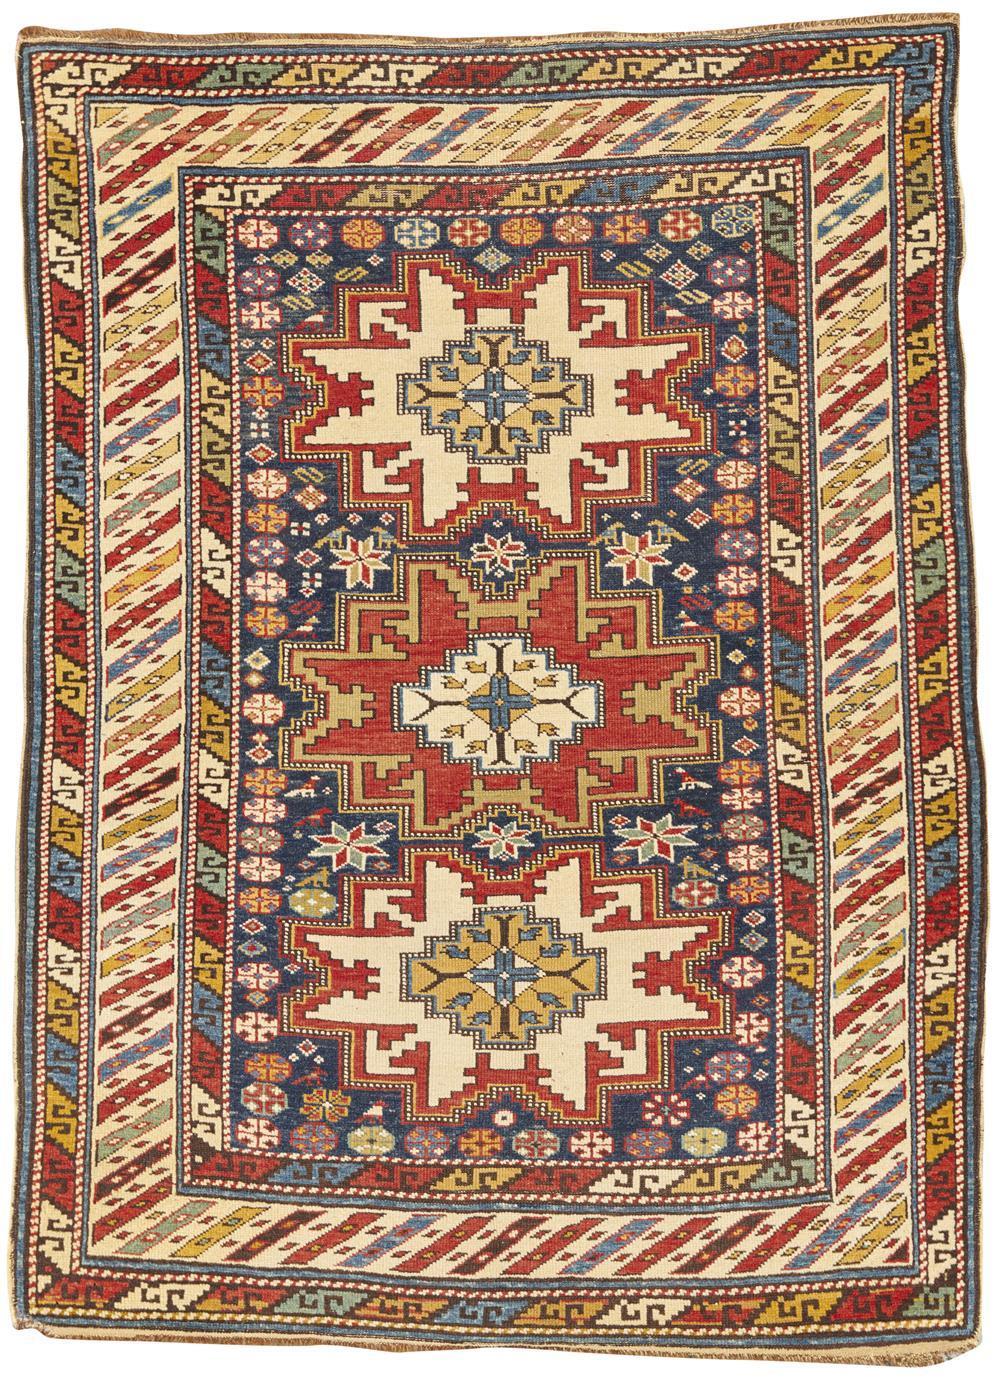 Lesghi Rug, Caucasus, ca. 1900; 4 ft. 5 in. x 3 ft. 5 in.